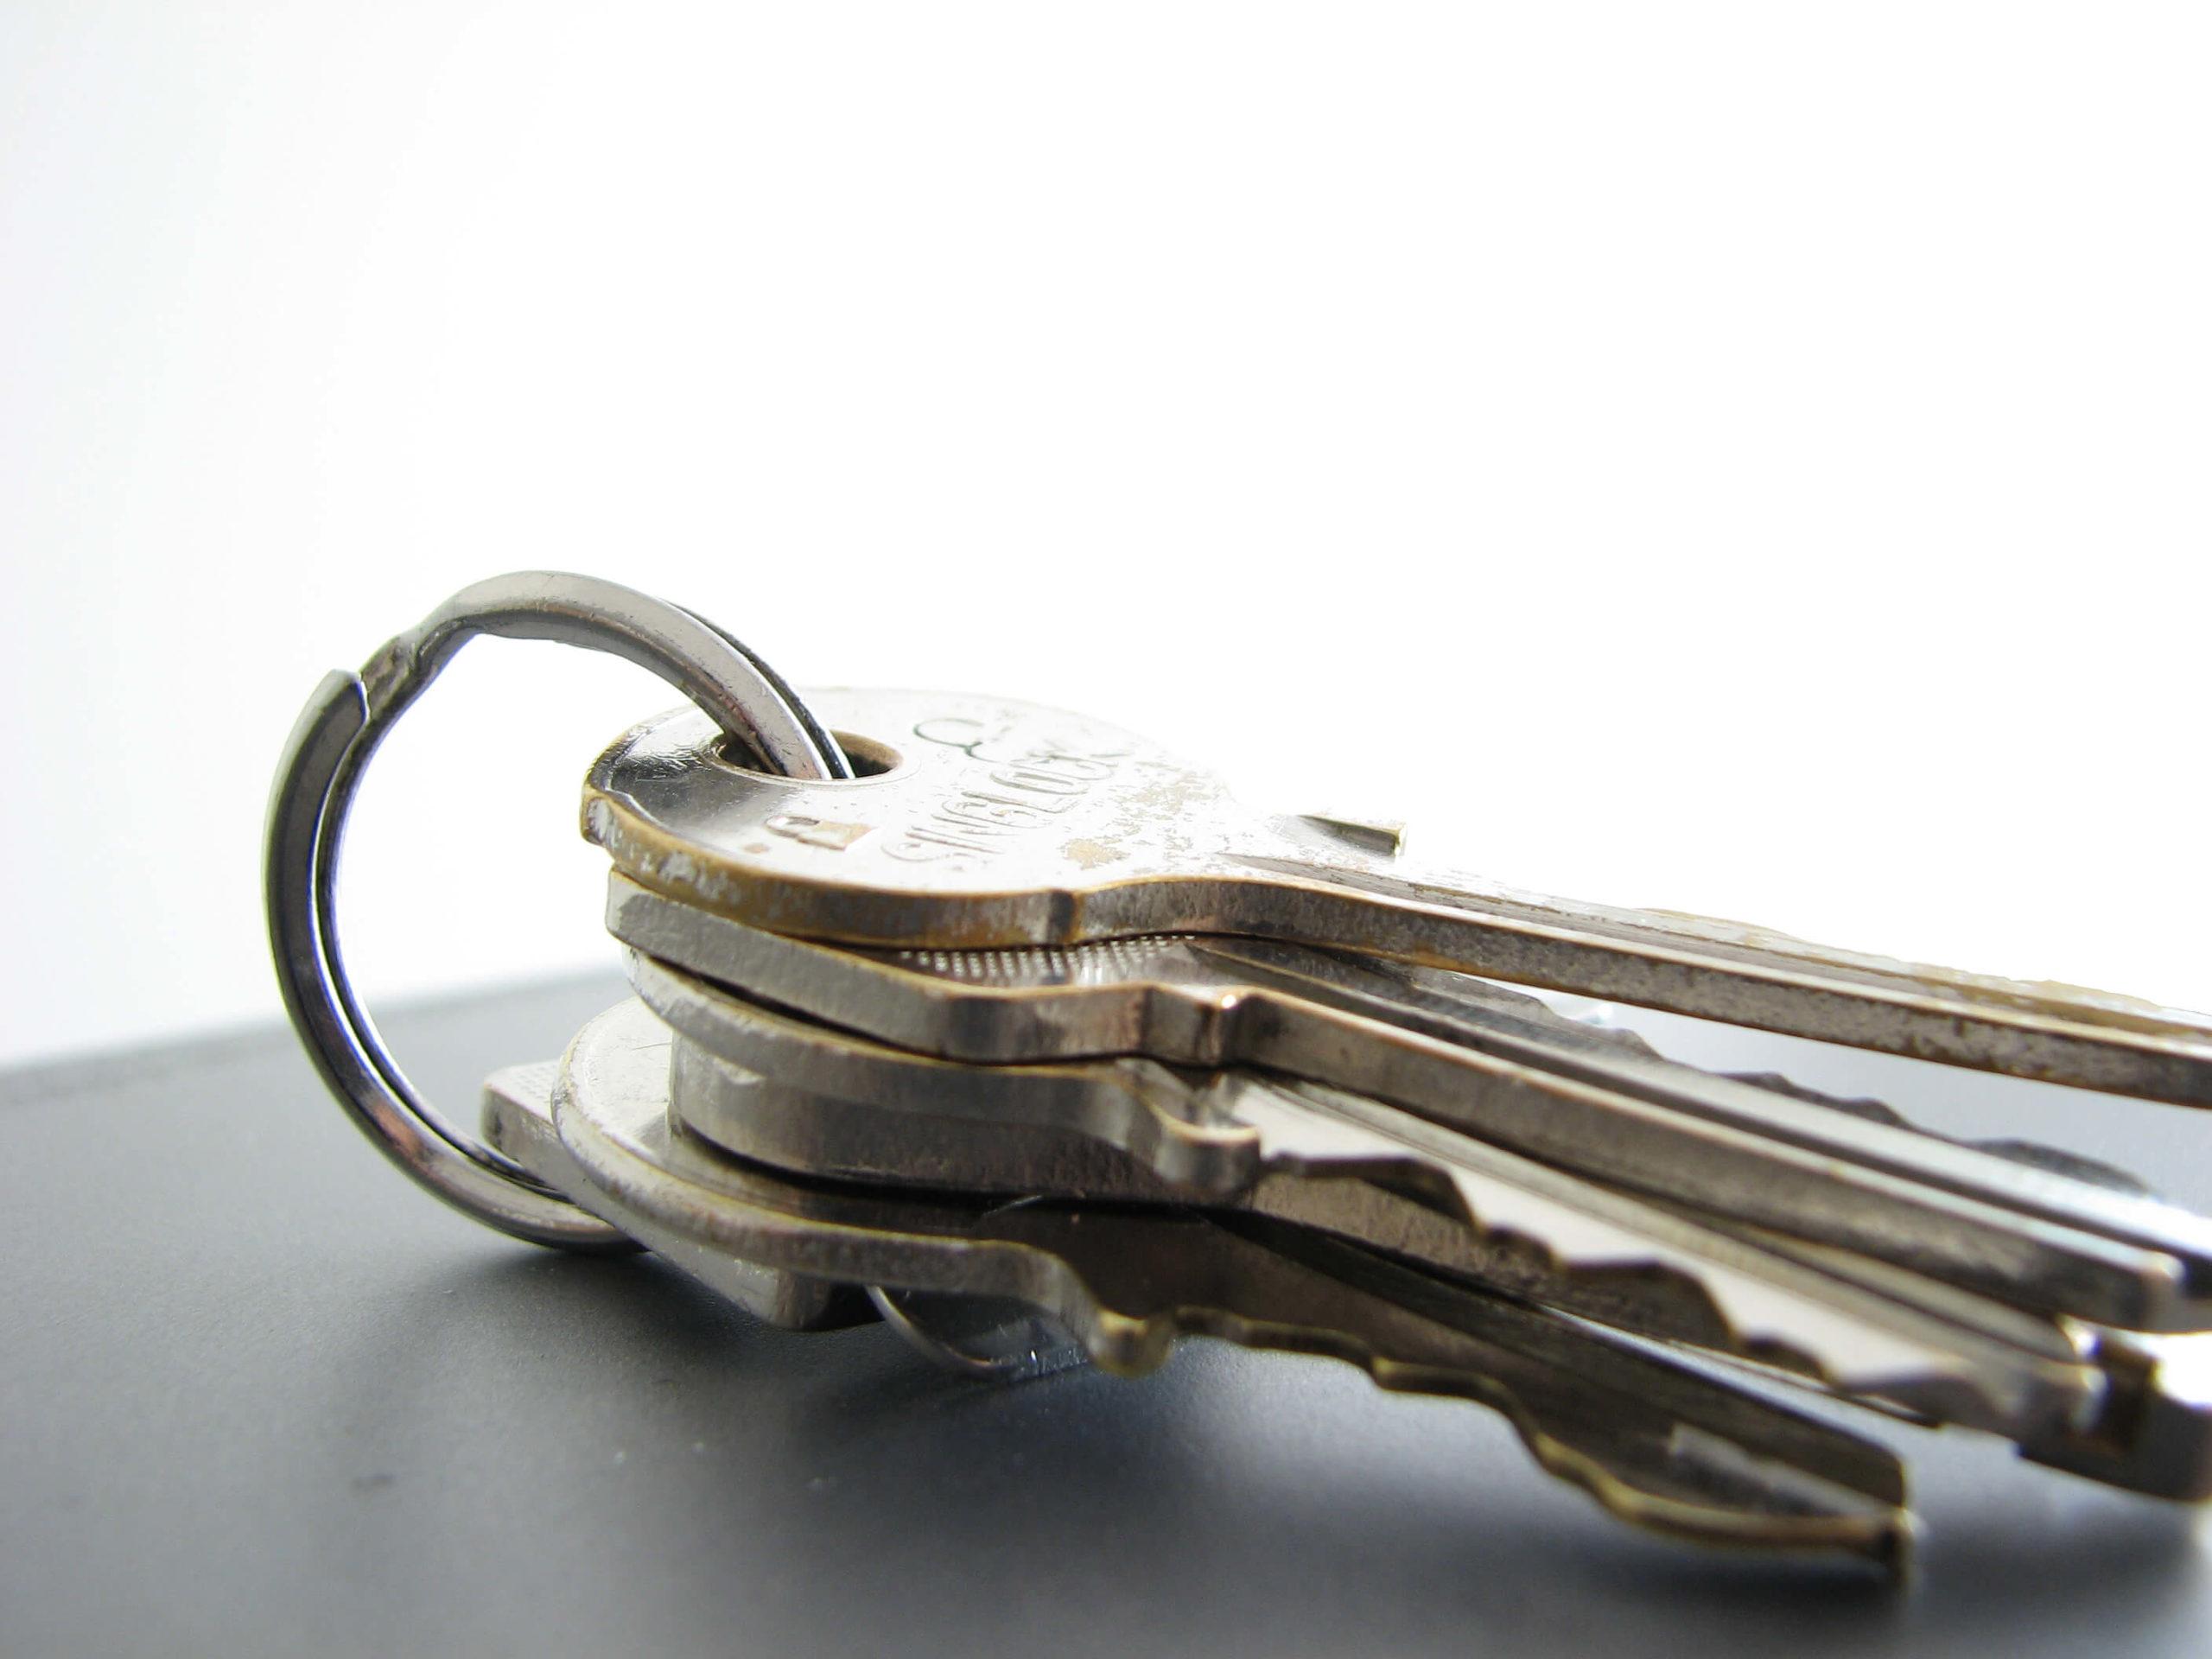 Hvad koster en låsesmed? Læs om vores låsesmed priser